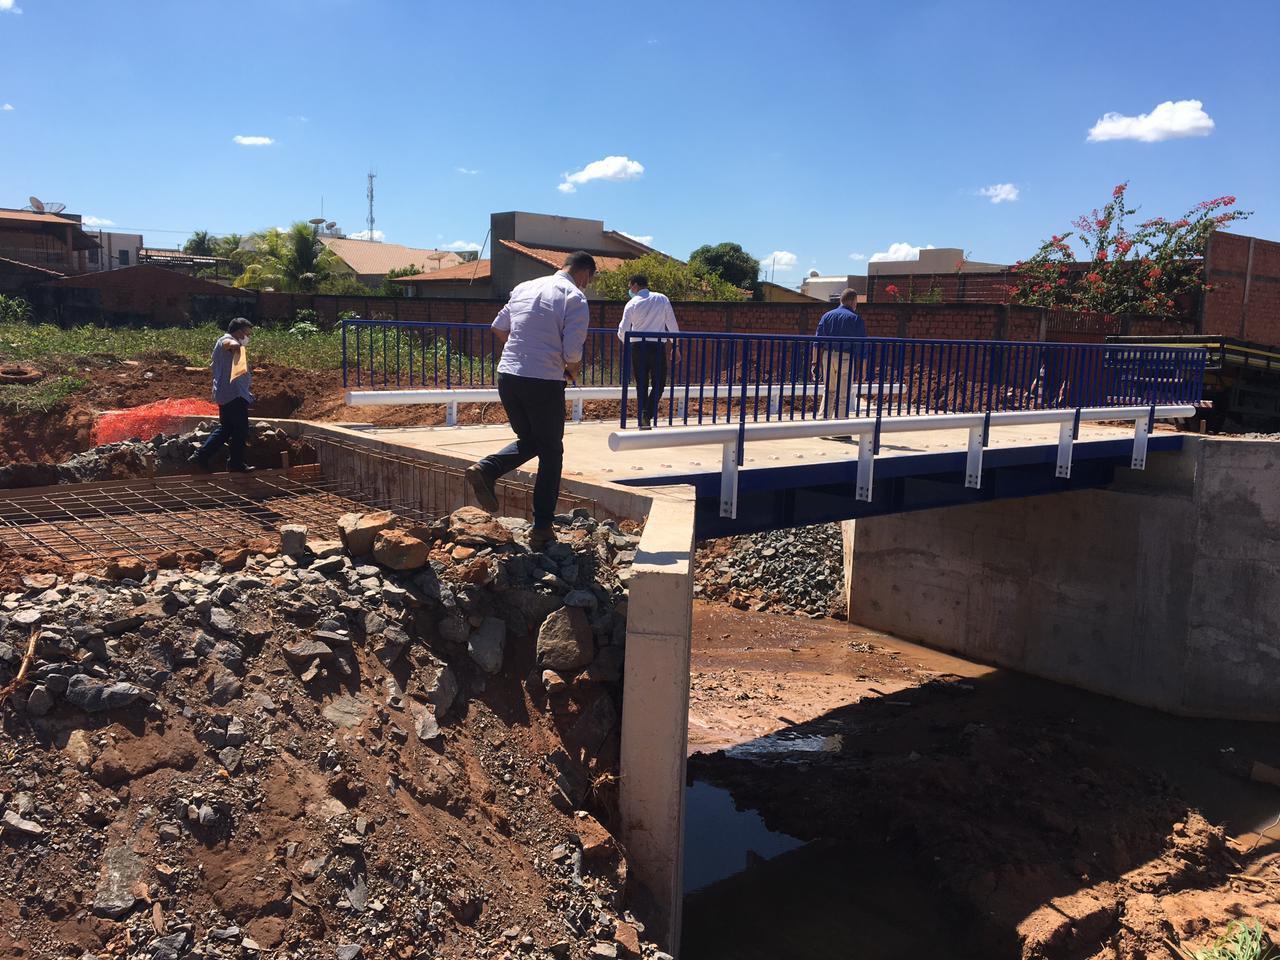 Aldo Júlio agradece Lúcio Mosquini por recursos para construir ponte de concreto armado e pede apoio para regularização fundiária